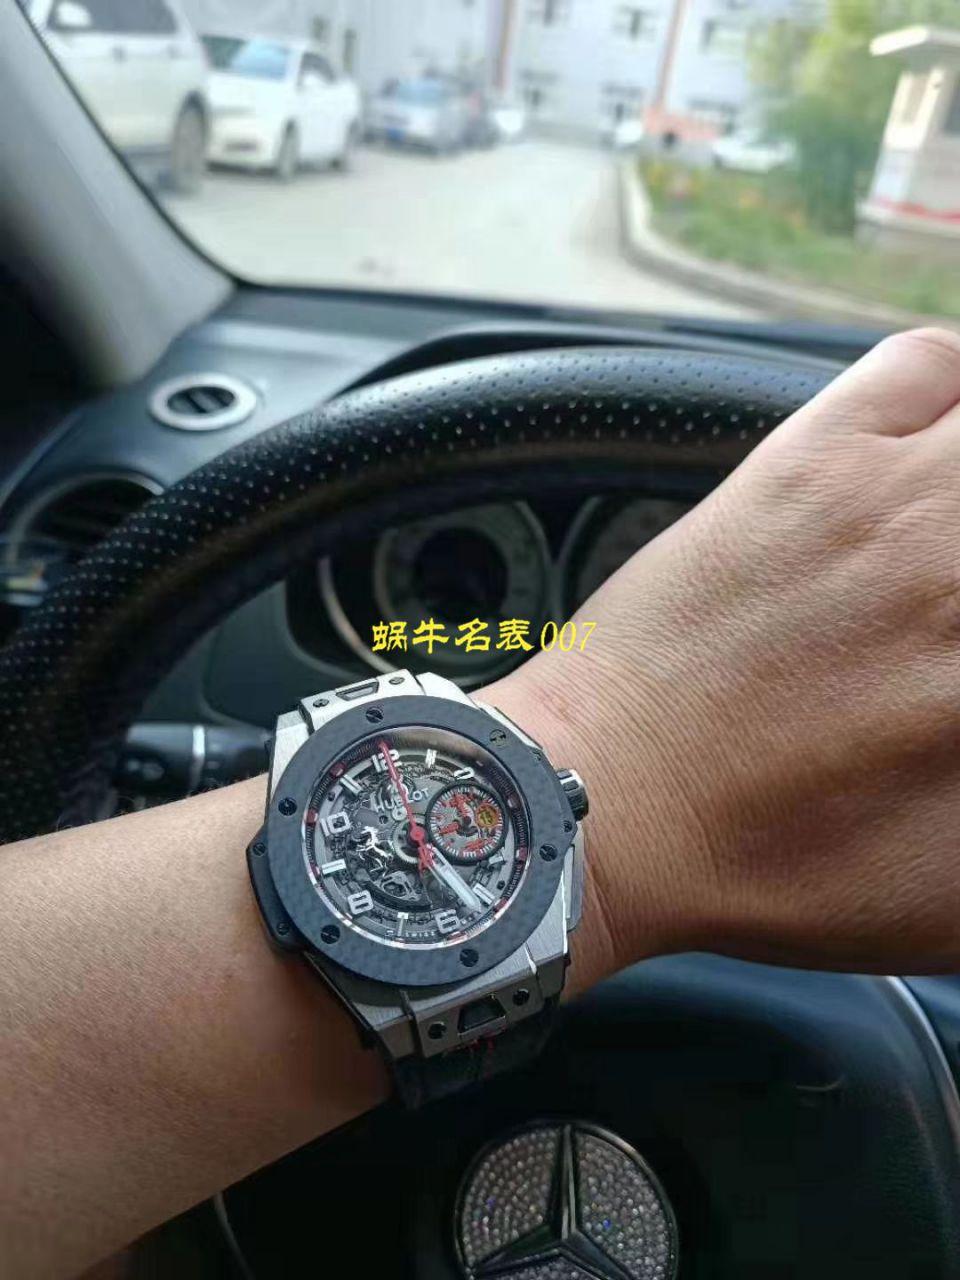 视频评测宇舶法拉利BIG BANG系列401.CX.0123.VR腕表一比一高仿【HBBV6最新力作‼️ Hublot Big Bang Ferrari Ceramic F11系列】